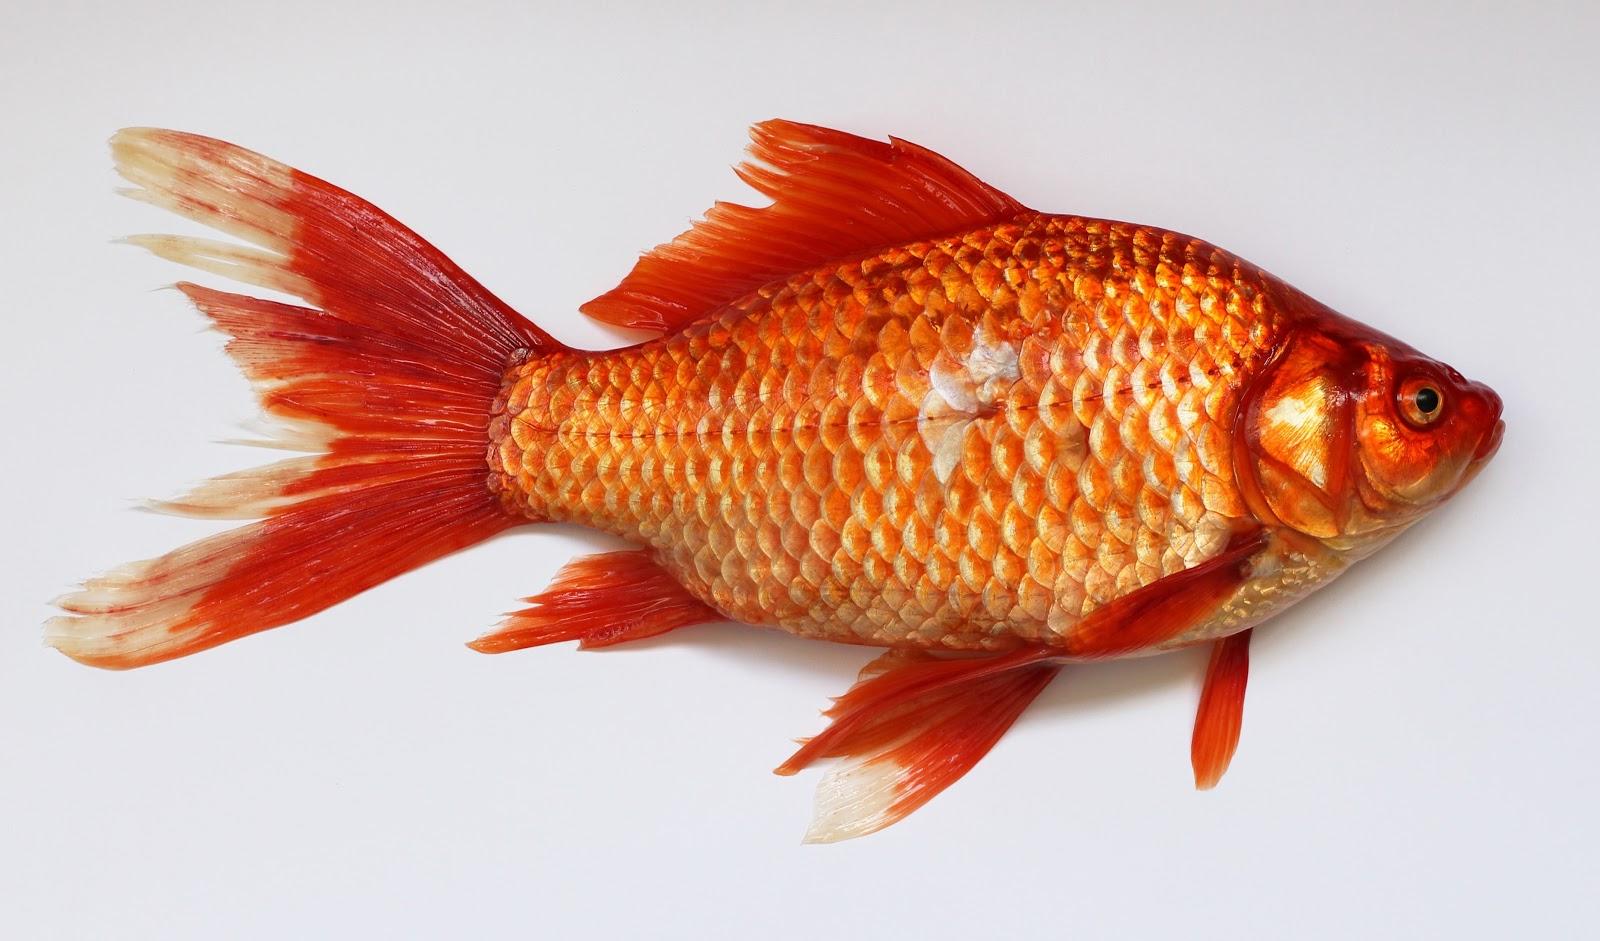 red-fish-selected-focus-properties